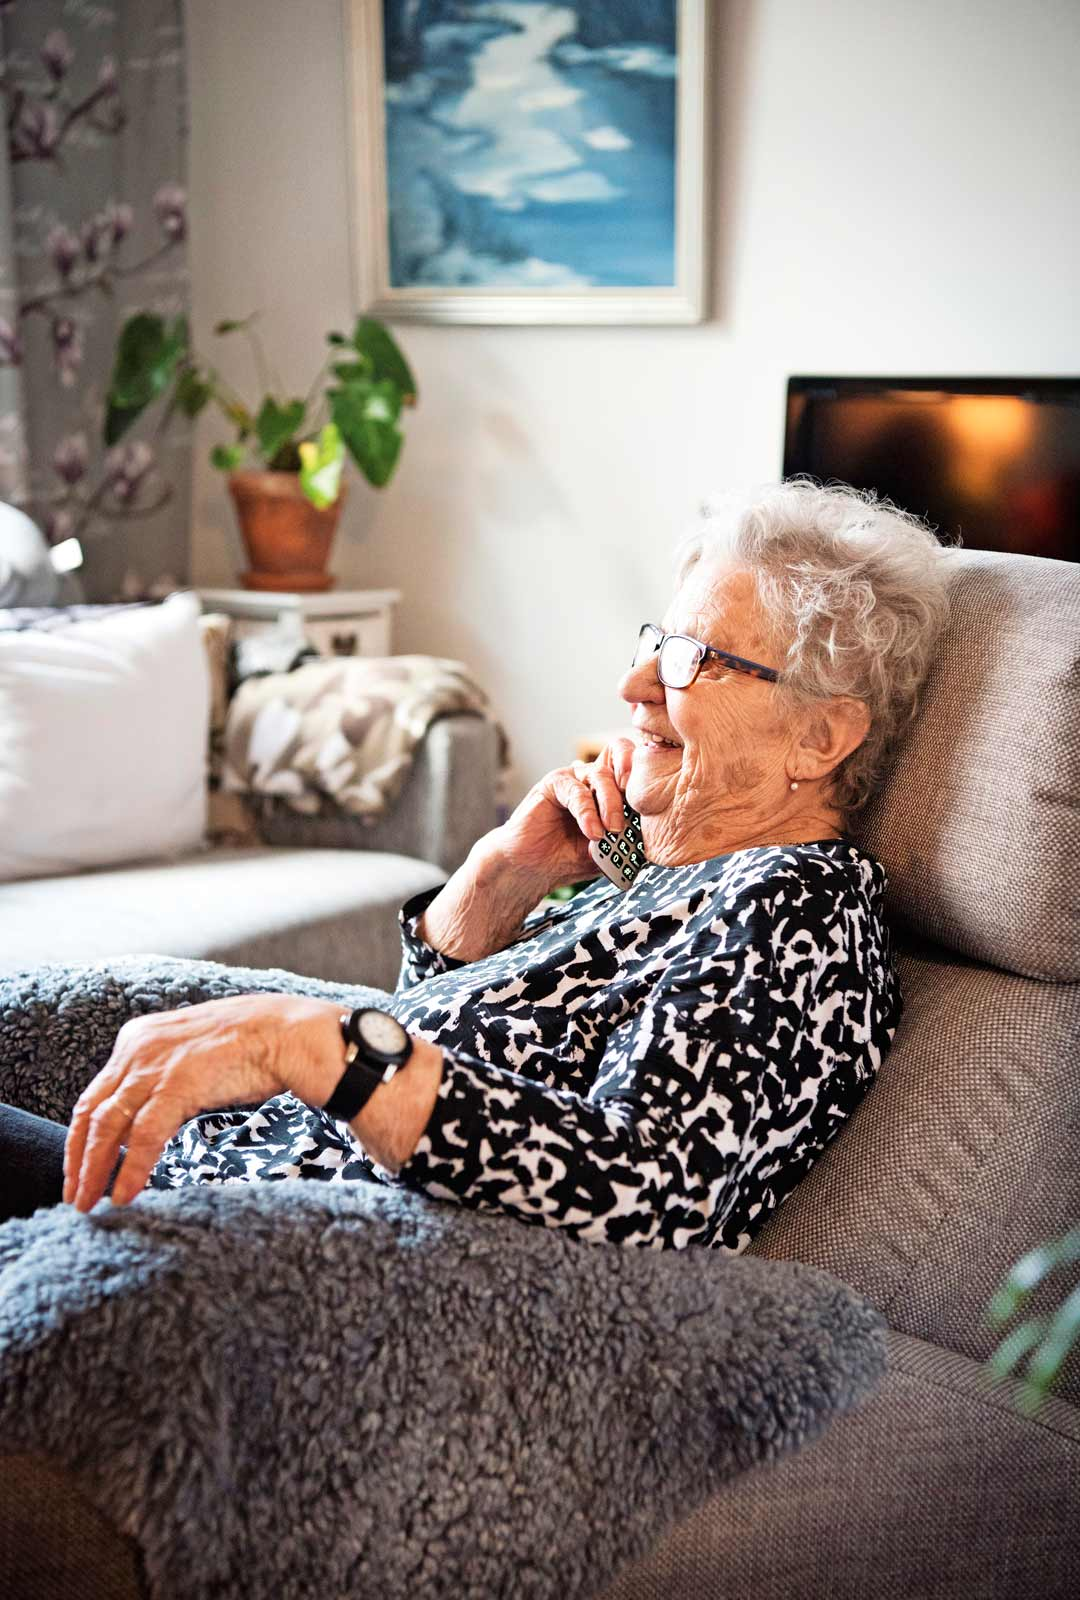 Elli puhuu puhelimessa Mäntyharjulla asuvan Lempi-siskon kanssa lähes päivittäin. Elli ottaa usein päiväunetkin mukavassa nojatuolissaan.